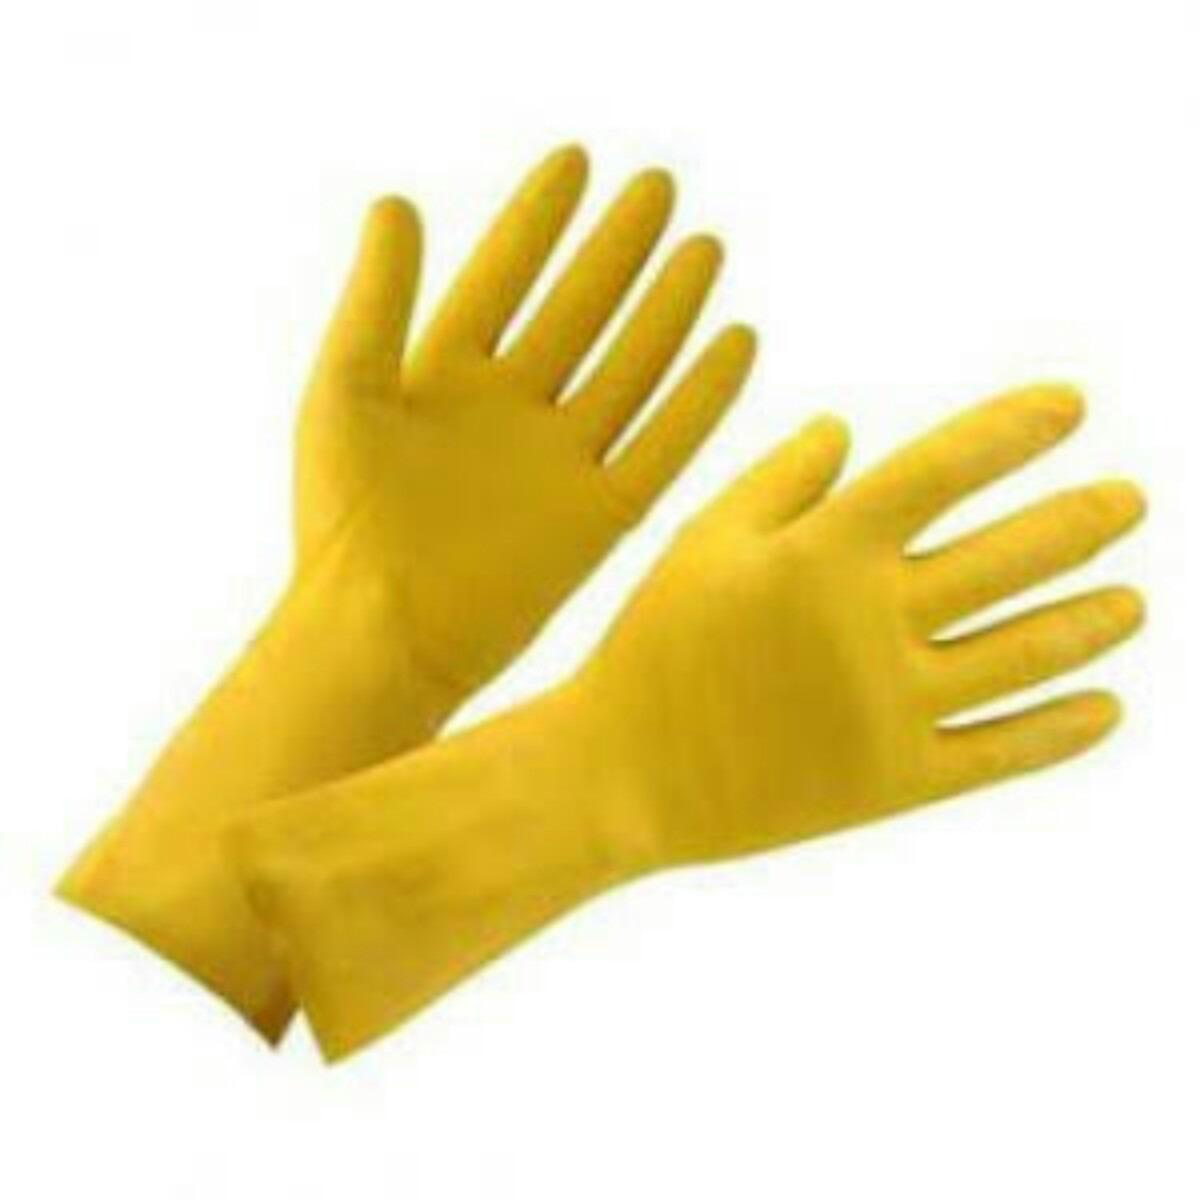 cc689ed6fca7d Guante amarillo domestico de latex en mercado libre jpg 1200x1200 Guantes  latex amarillos